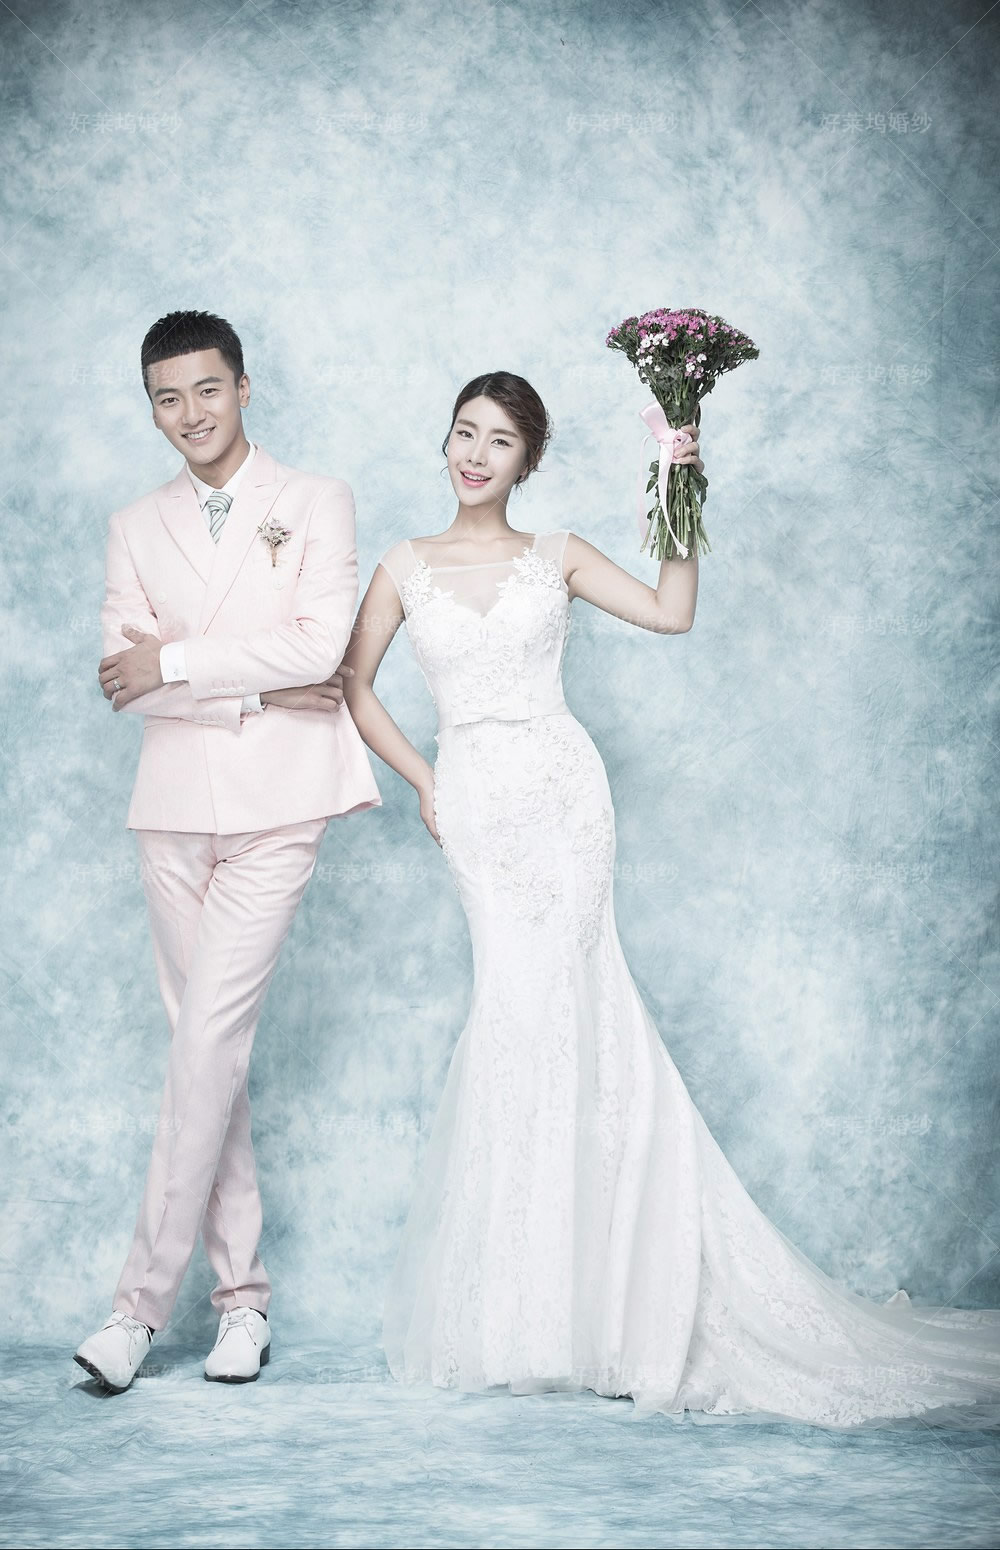 東莞韓式婚紗照